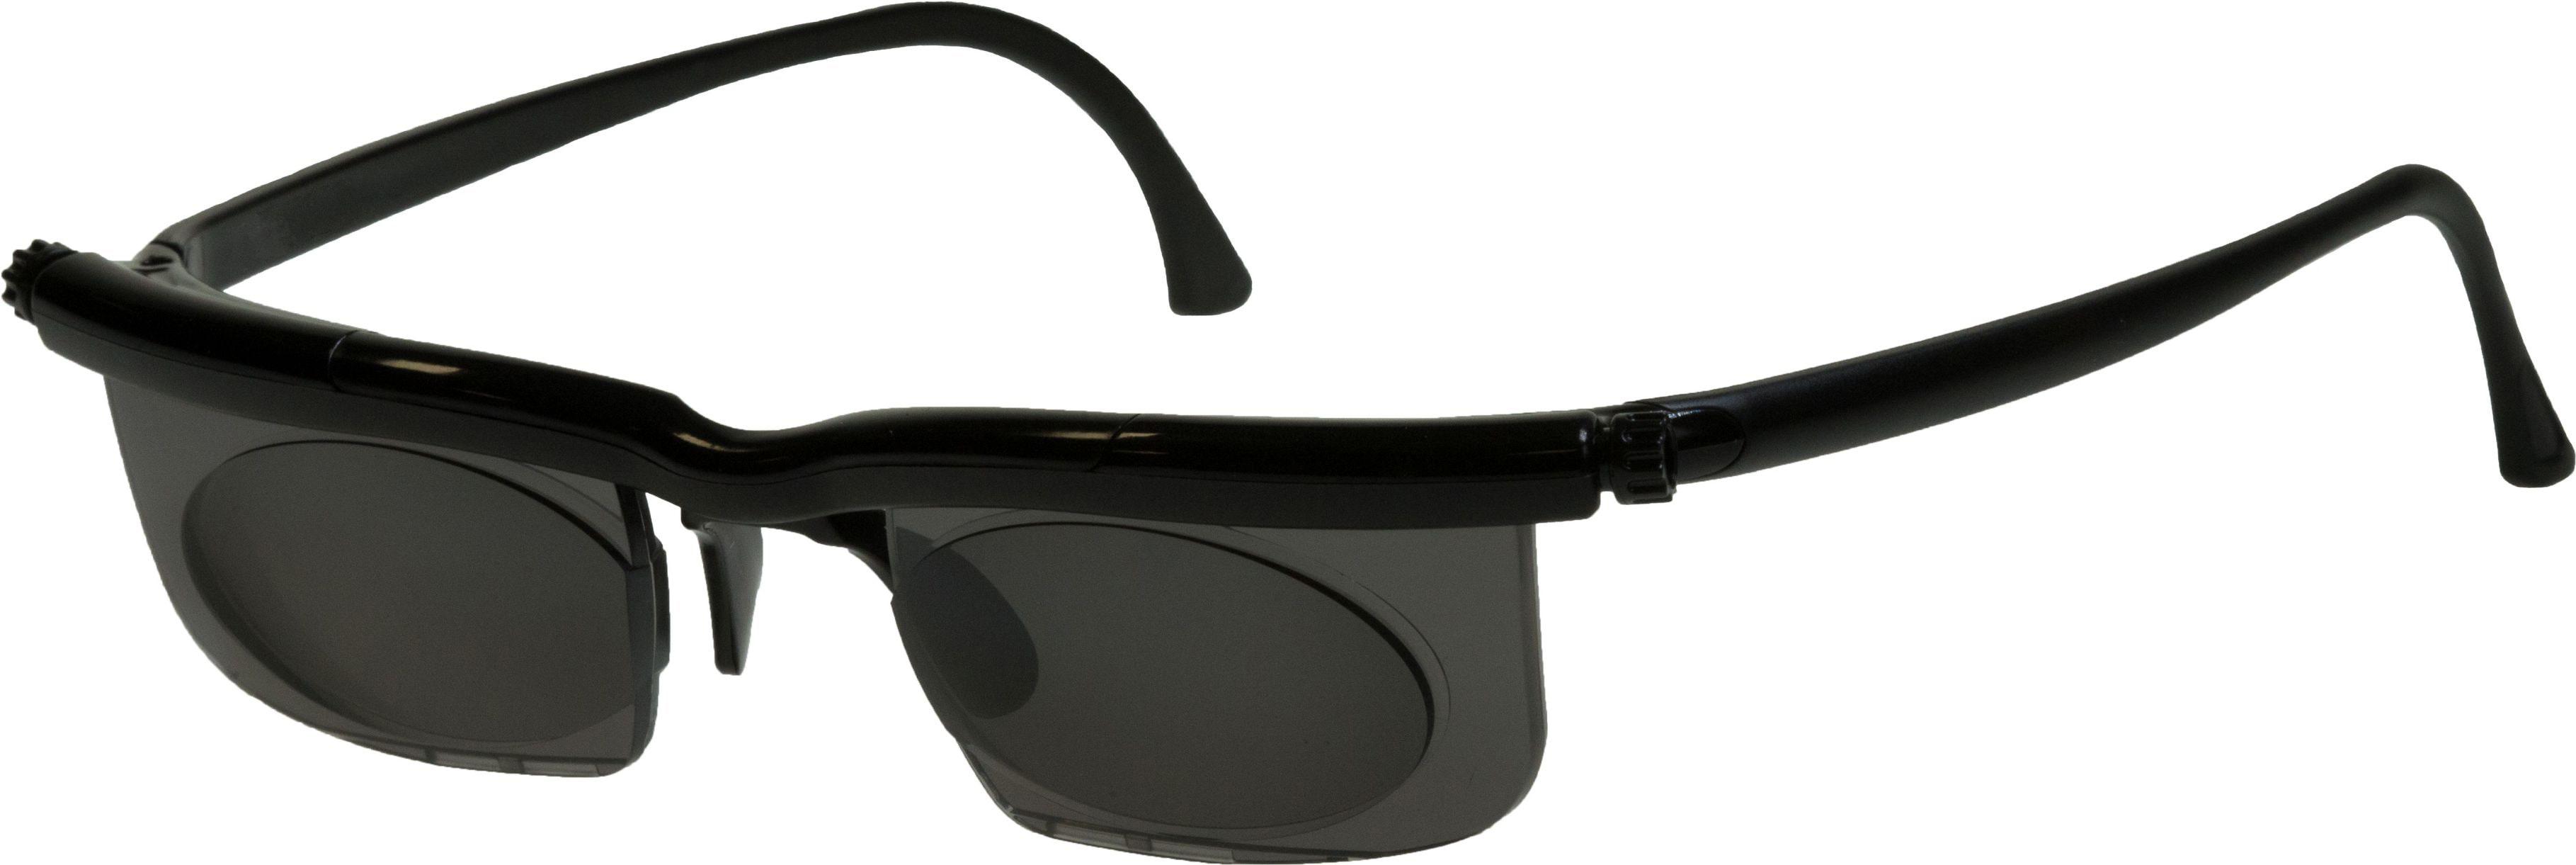 Maximex Sonnenbrille, individuell einstellbar, »Adlens®« | Accessoires > Sonnenbrillen > Sonstige Sonnenbrillen | Schwarz | MAXIMEX